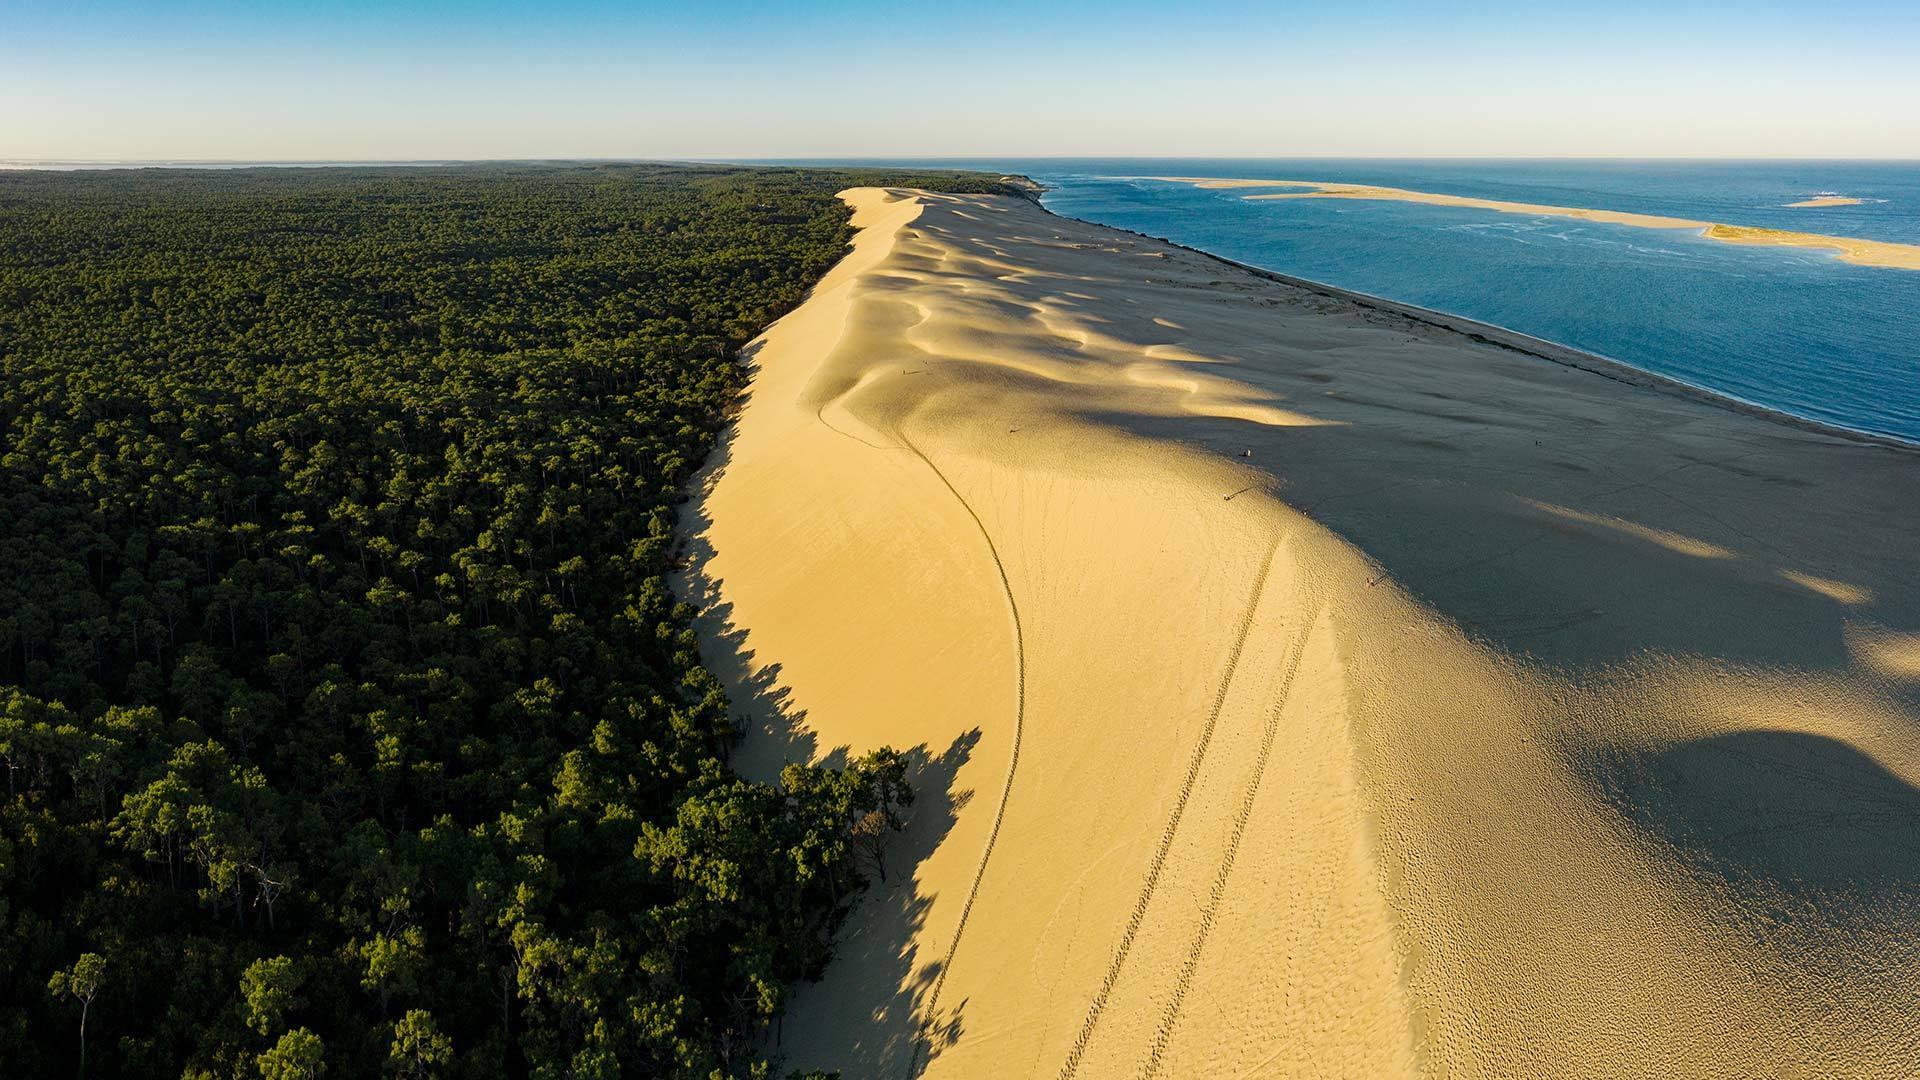 法国西南部阿卡雄湾的皮拉沙丘 皮拉沙丘